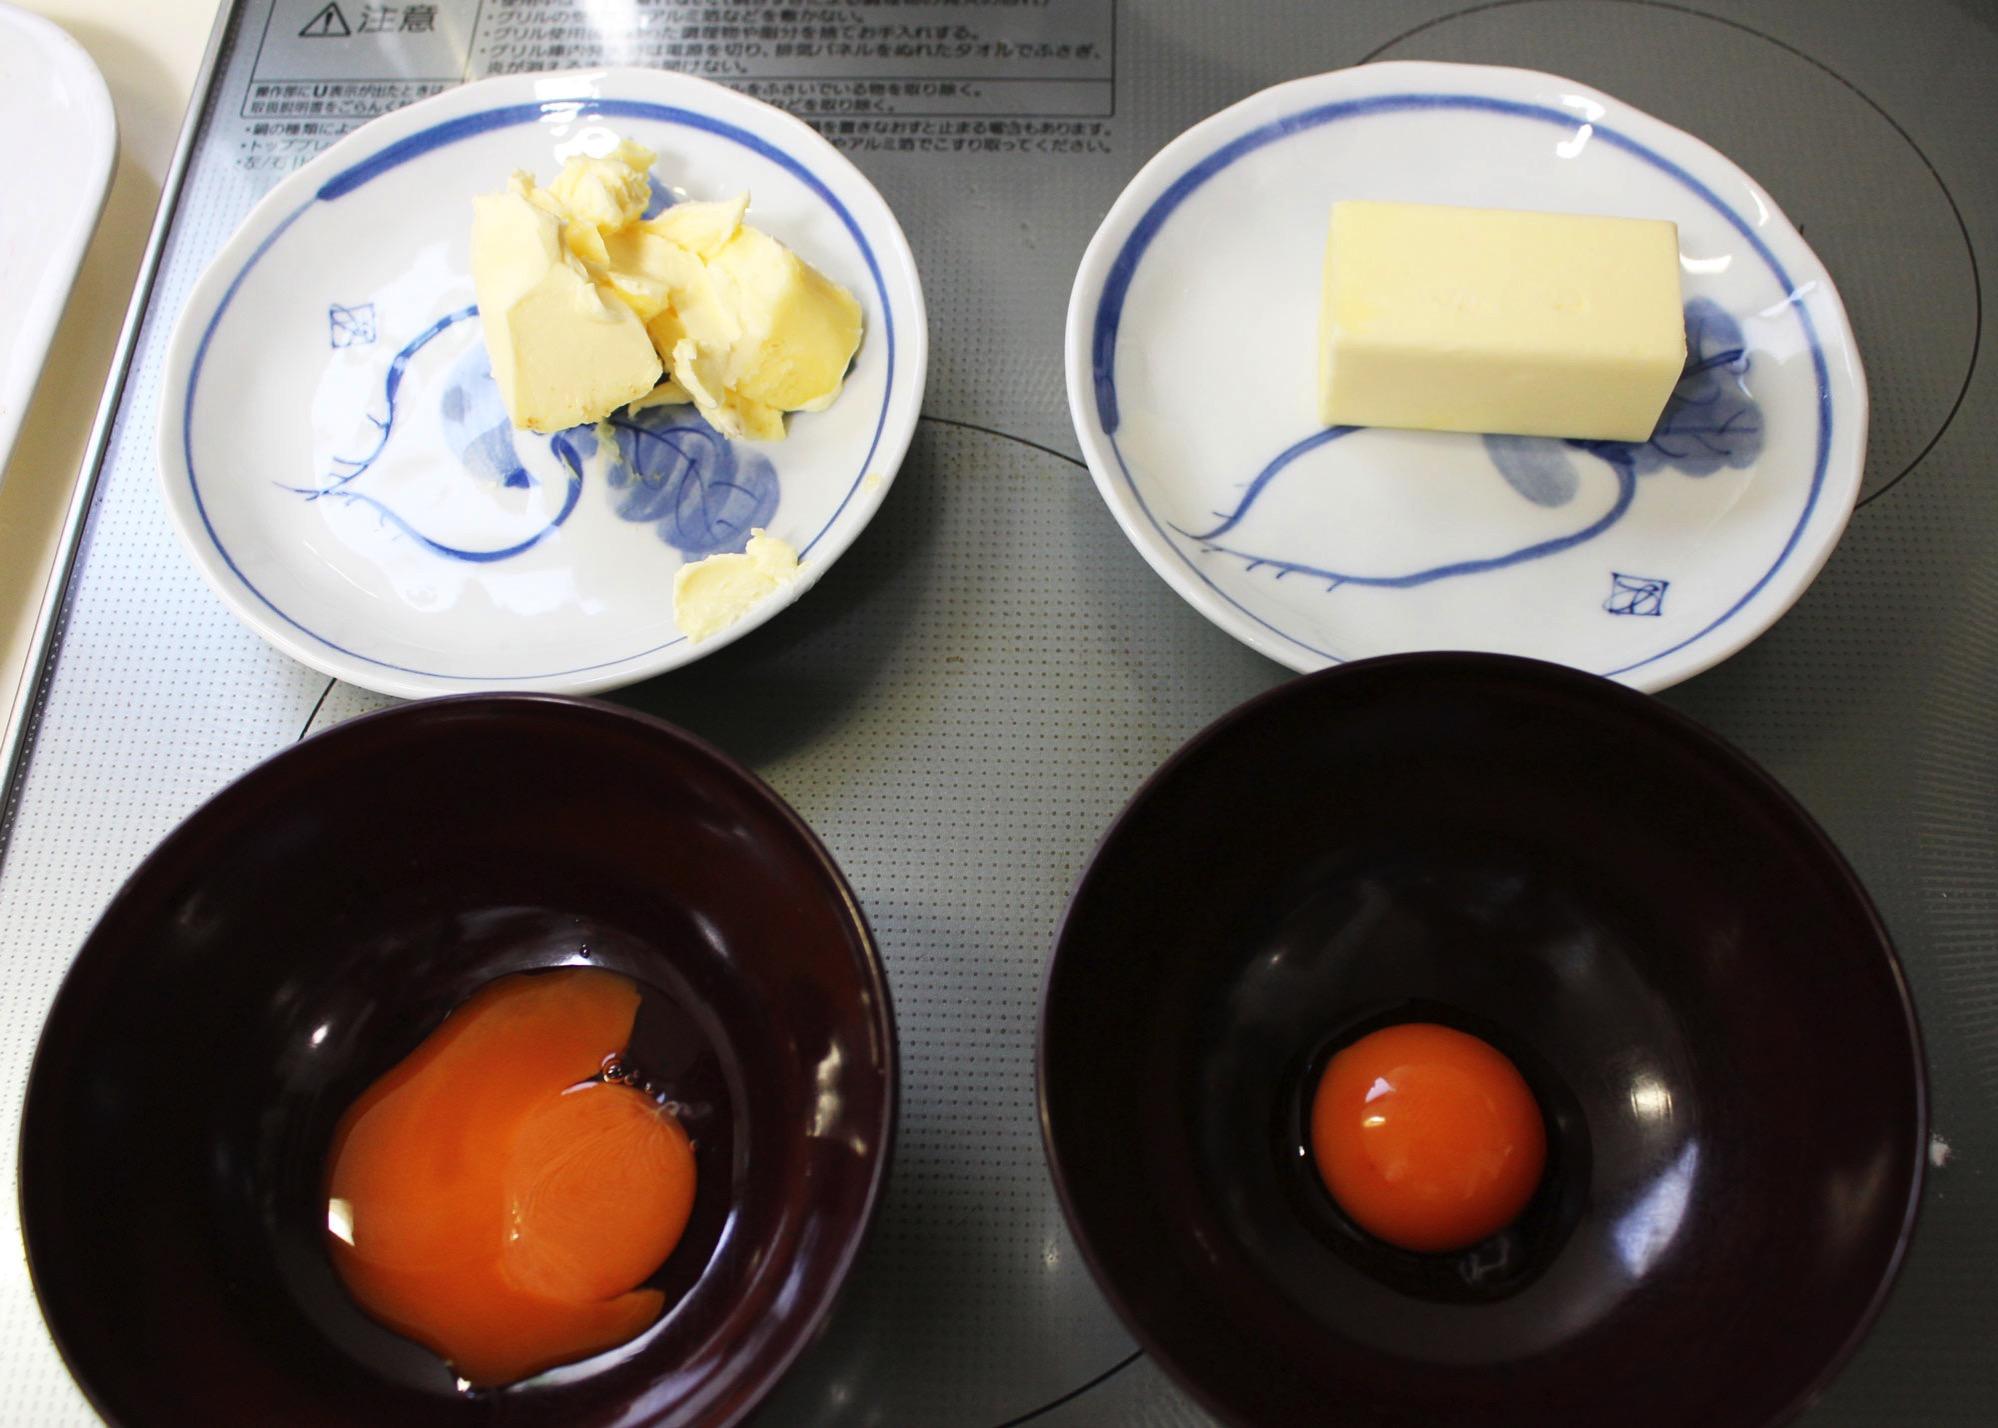 バターと卵黄を常温に戻しておく